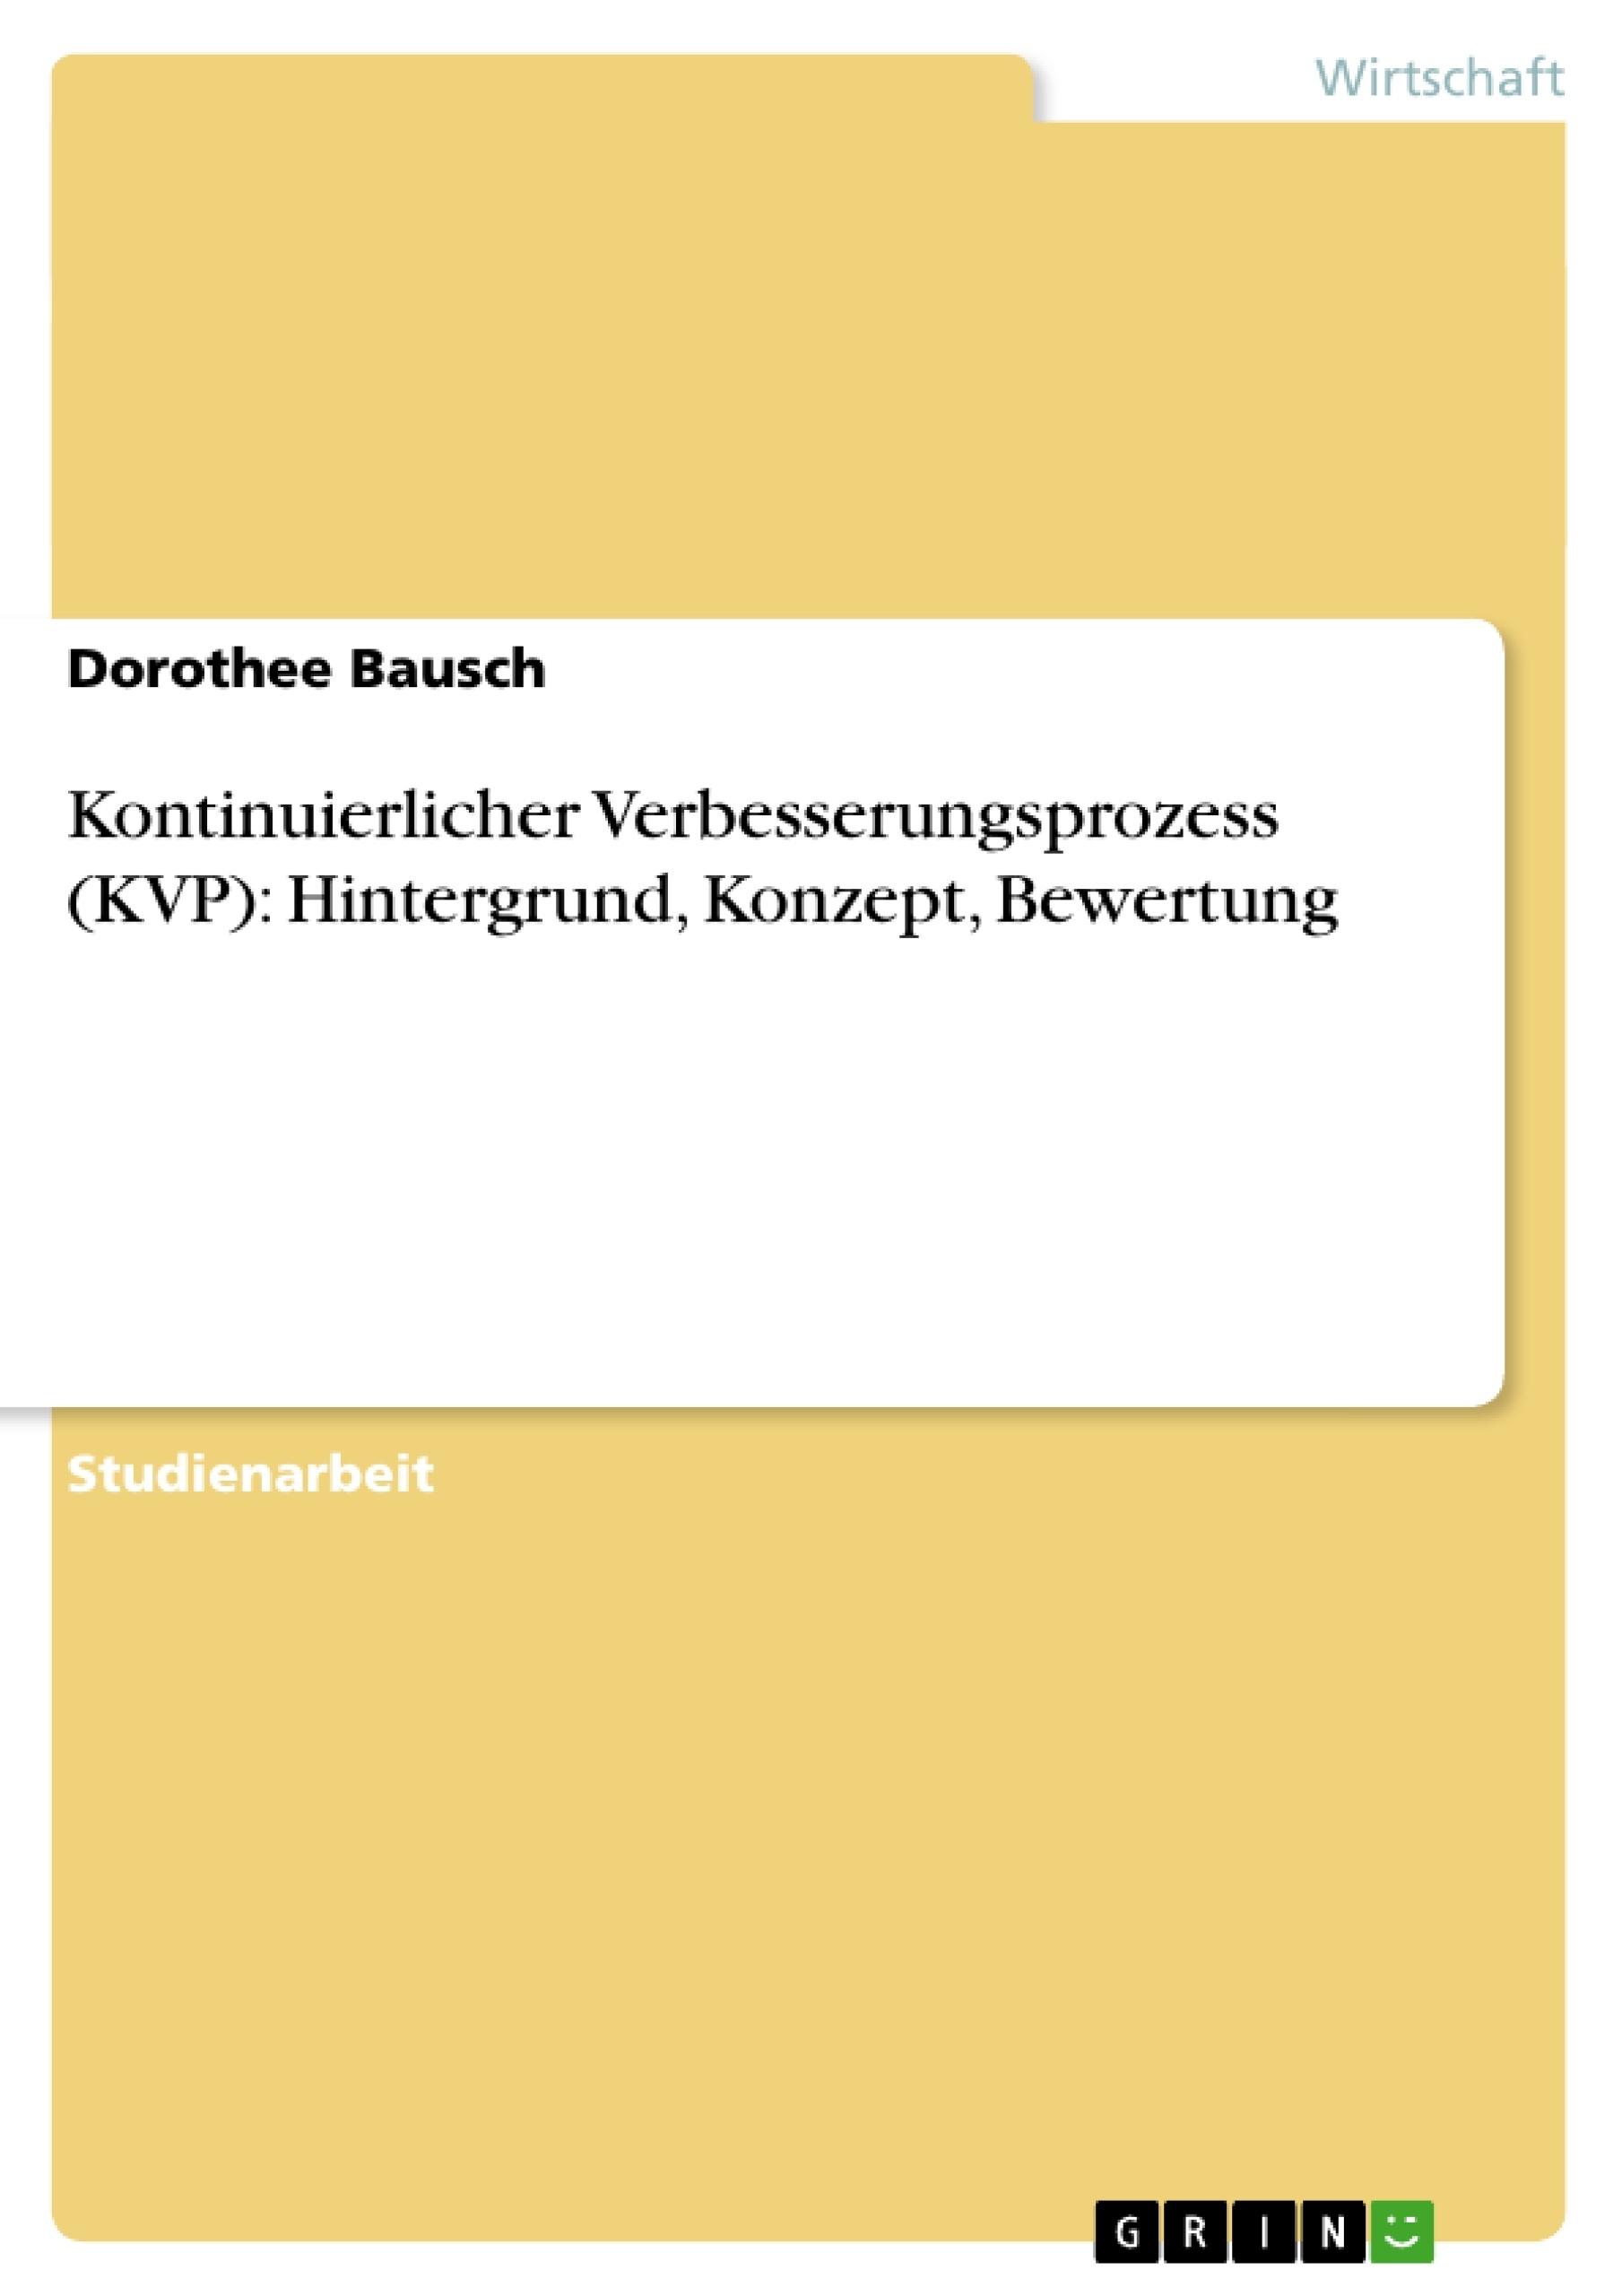 Titel: Kontinuierlicher Verbesserungsprozess (KVP): Hintergrund, Konzept, Bewertung